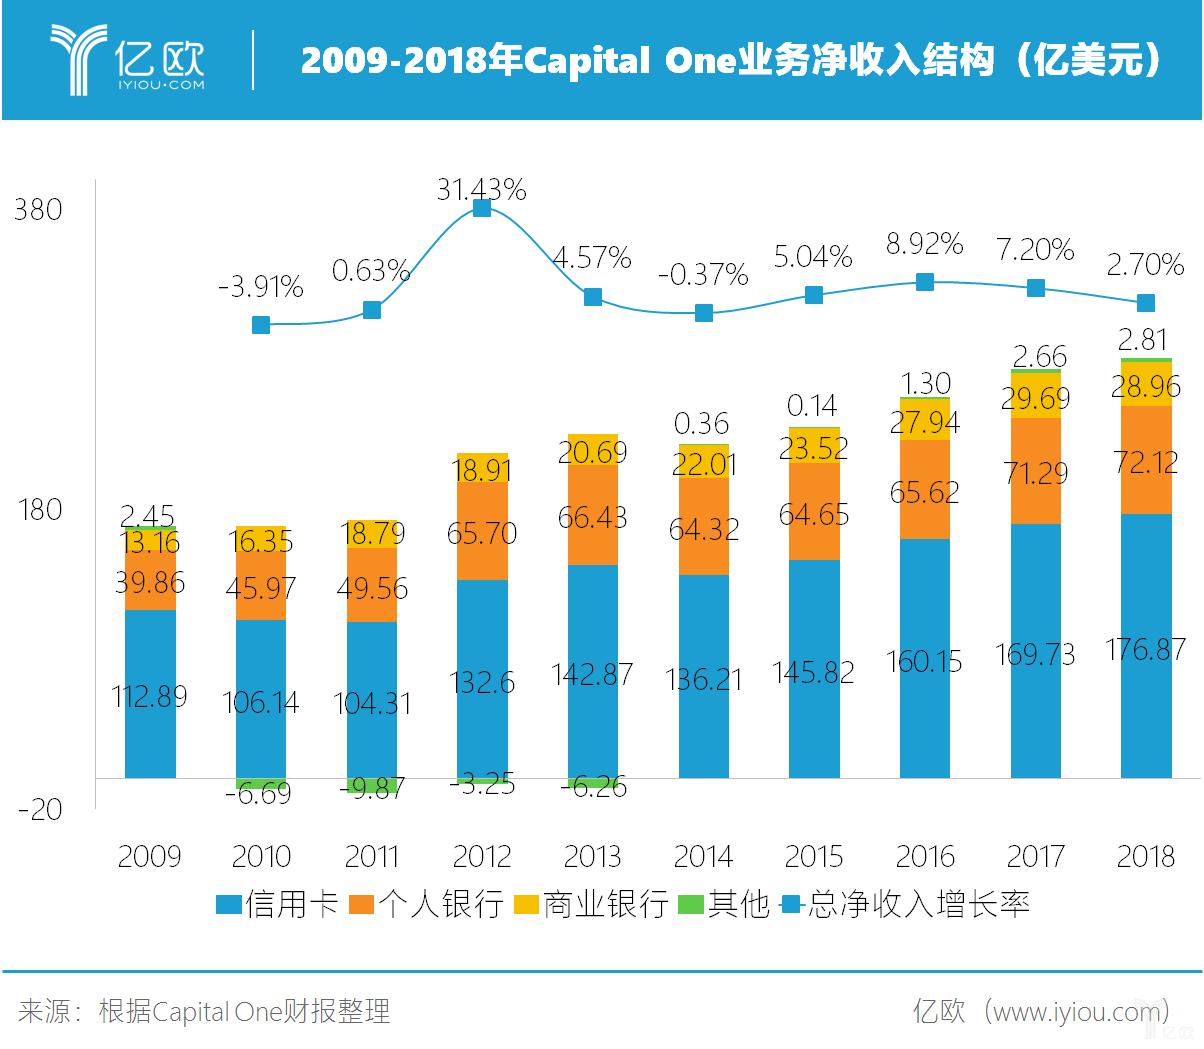 2009-2019年Capital One业务净收入结构(亿美元)